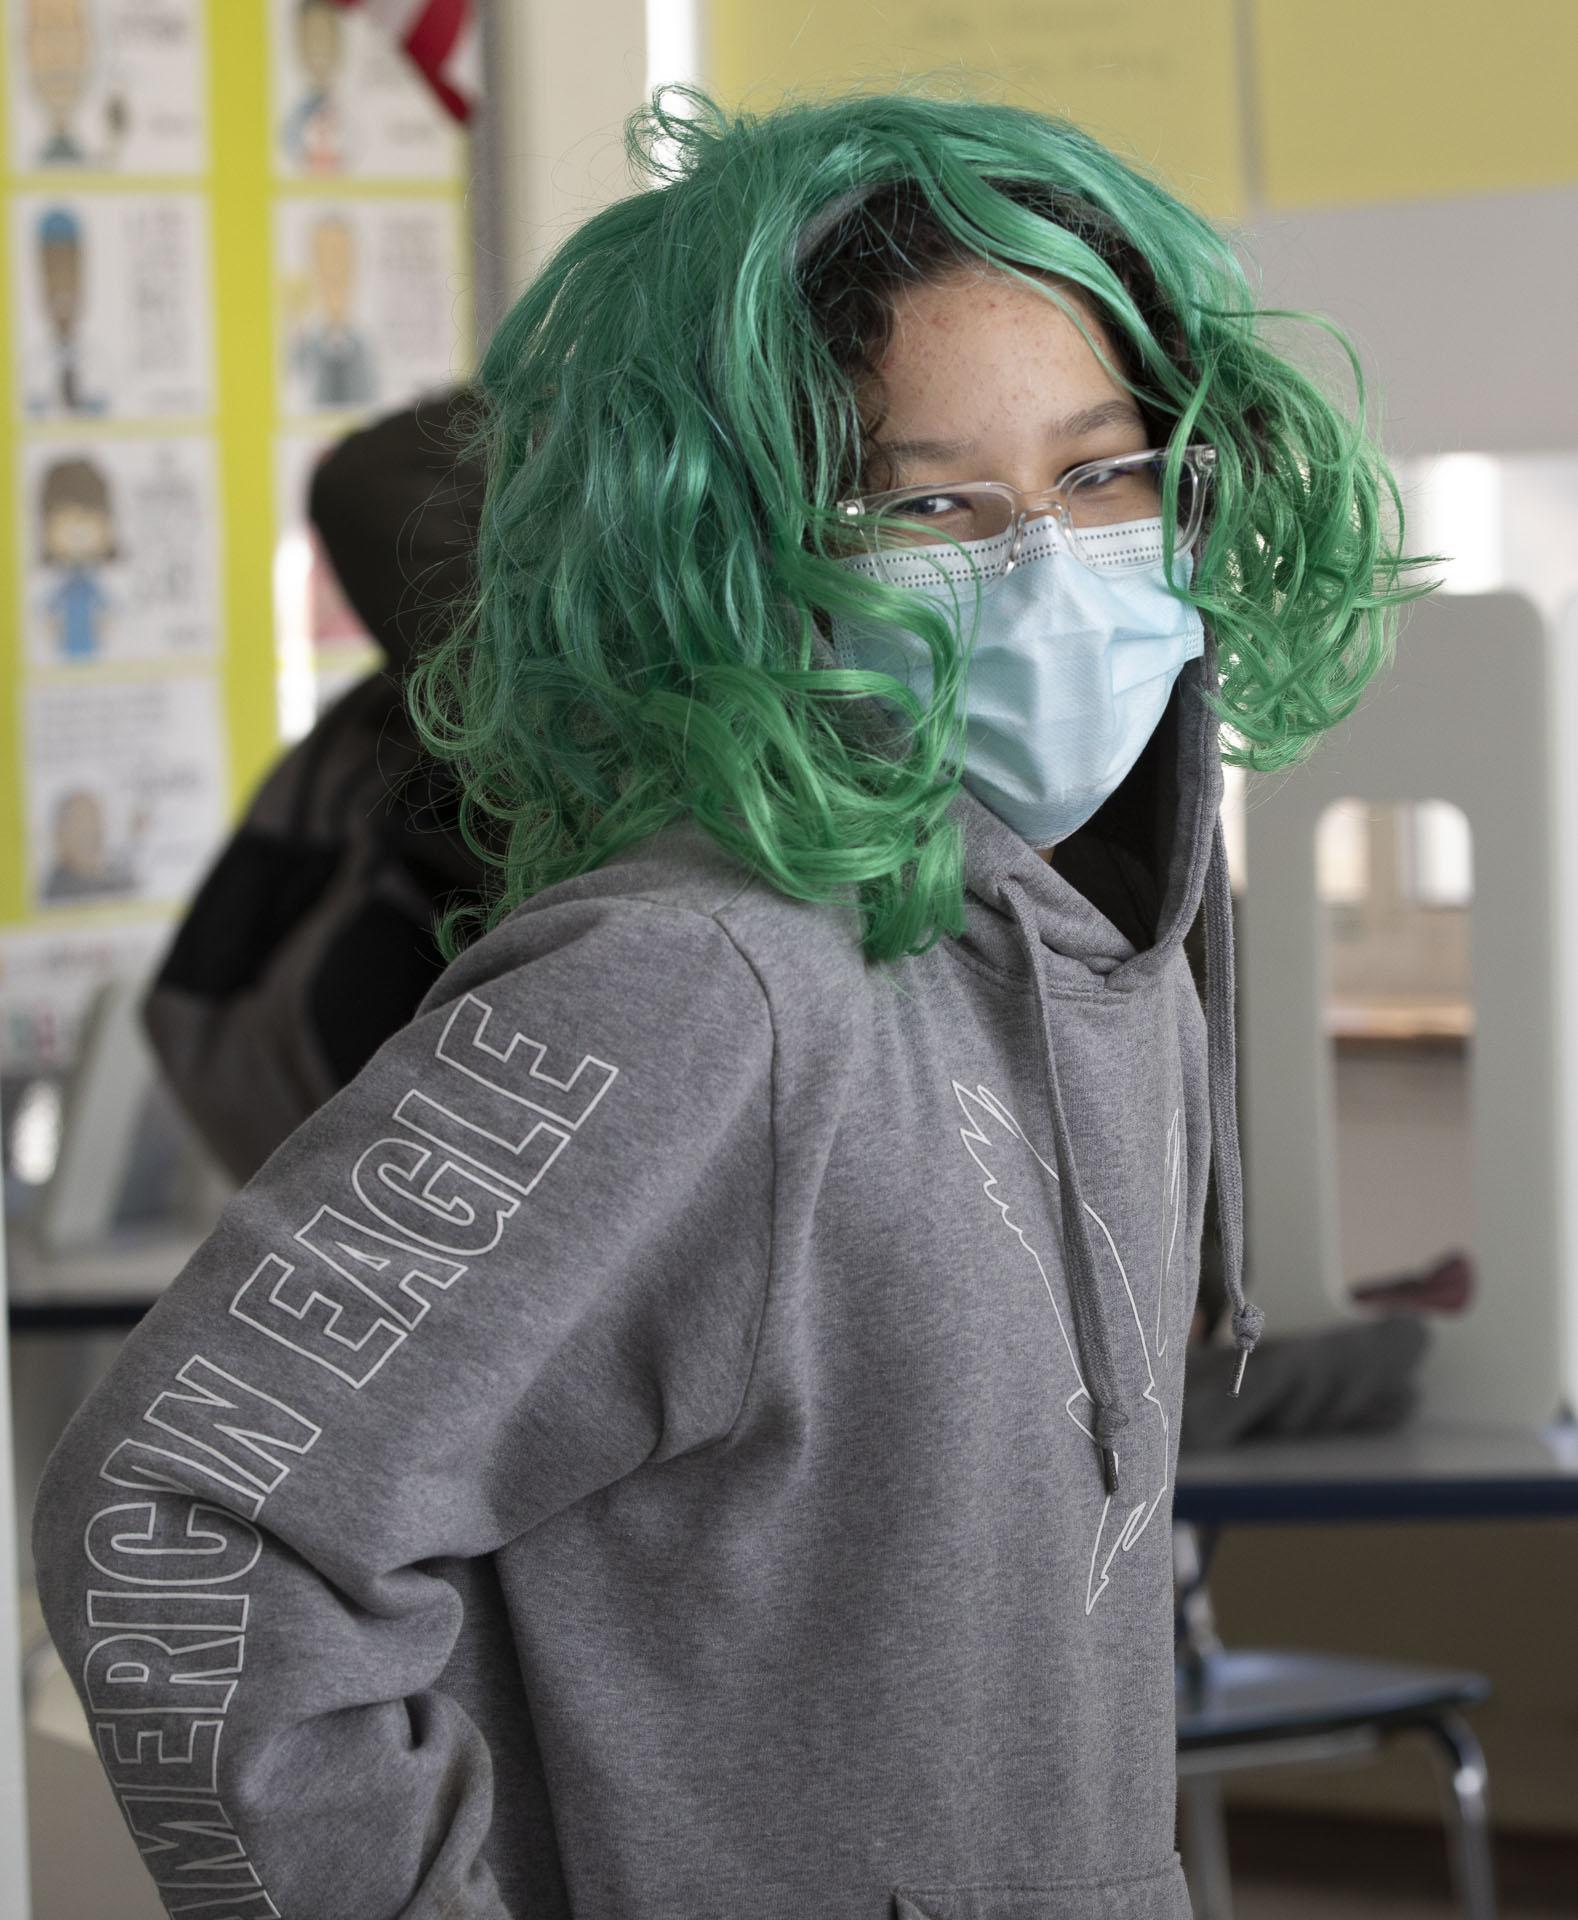 Boy wearing a green wig